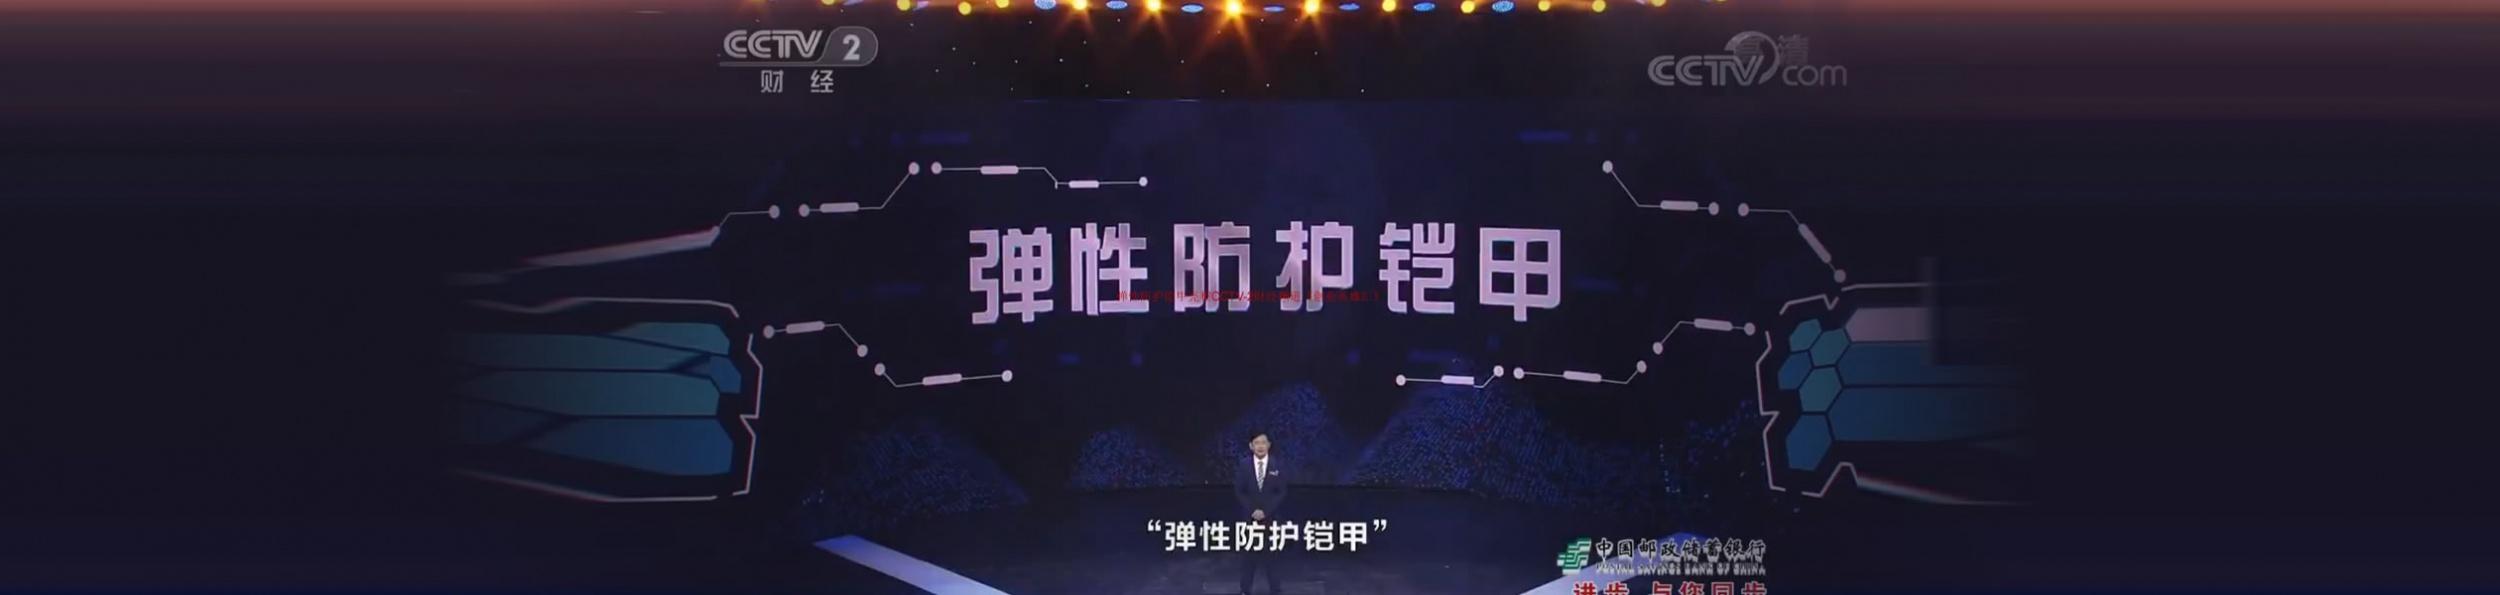 弹性BB平台铠甲亮相CCTV-2财经频道《创业英雄汇》